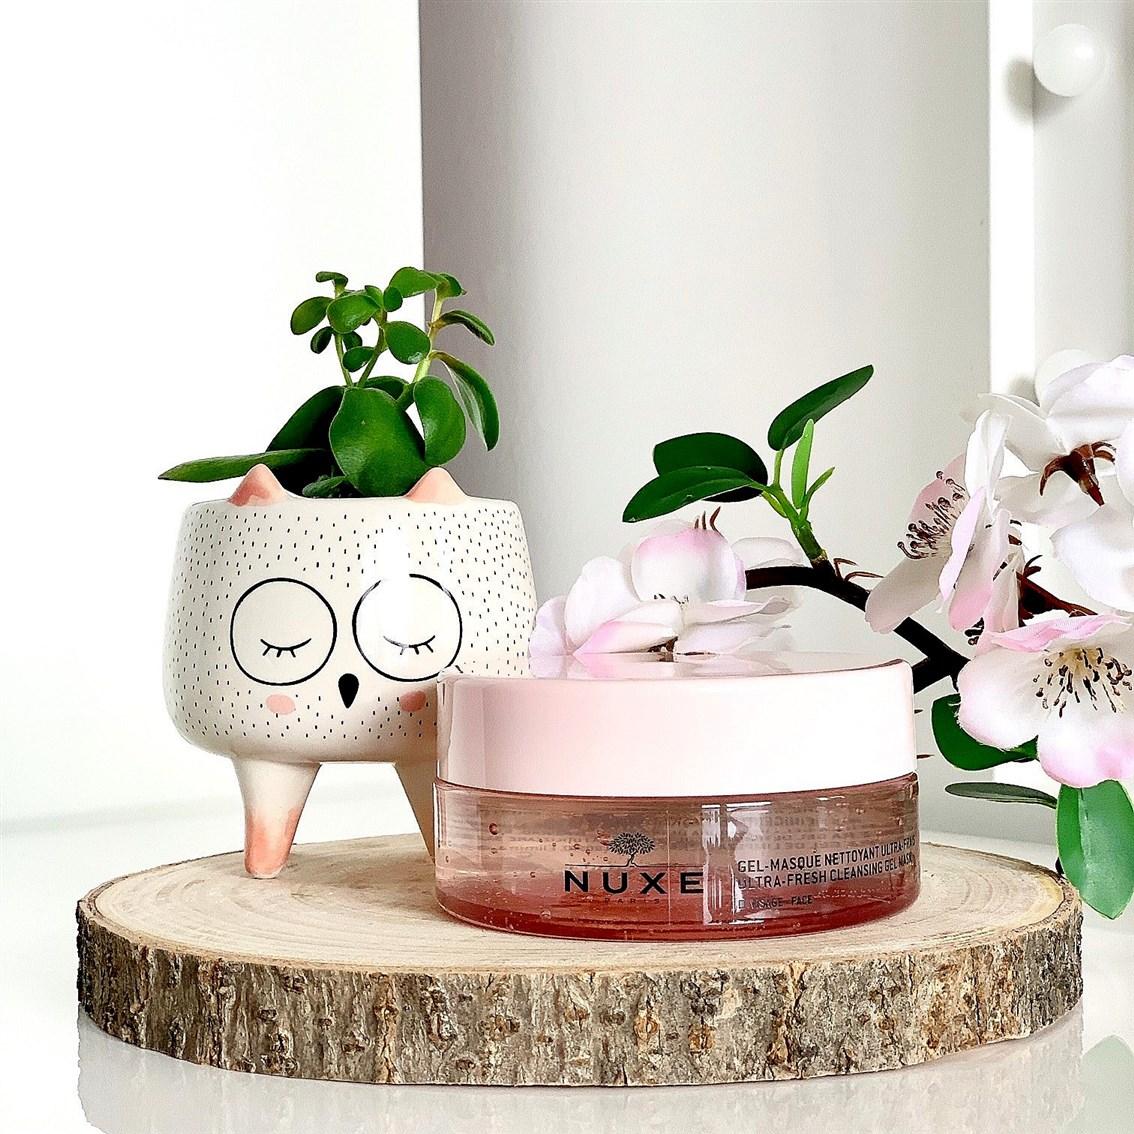 Nuxe Very Rose Ultraświeża żelowa maska oczyszczająca